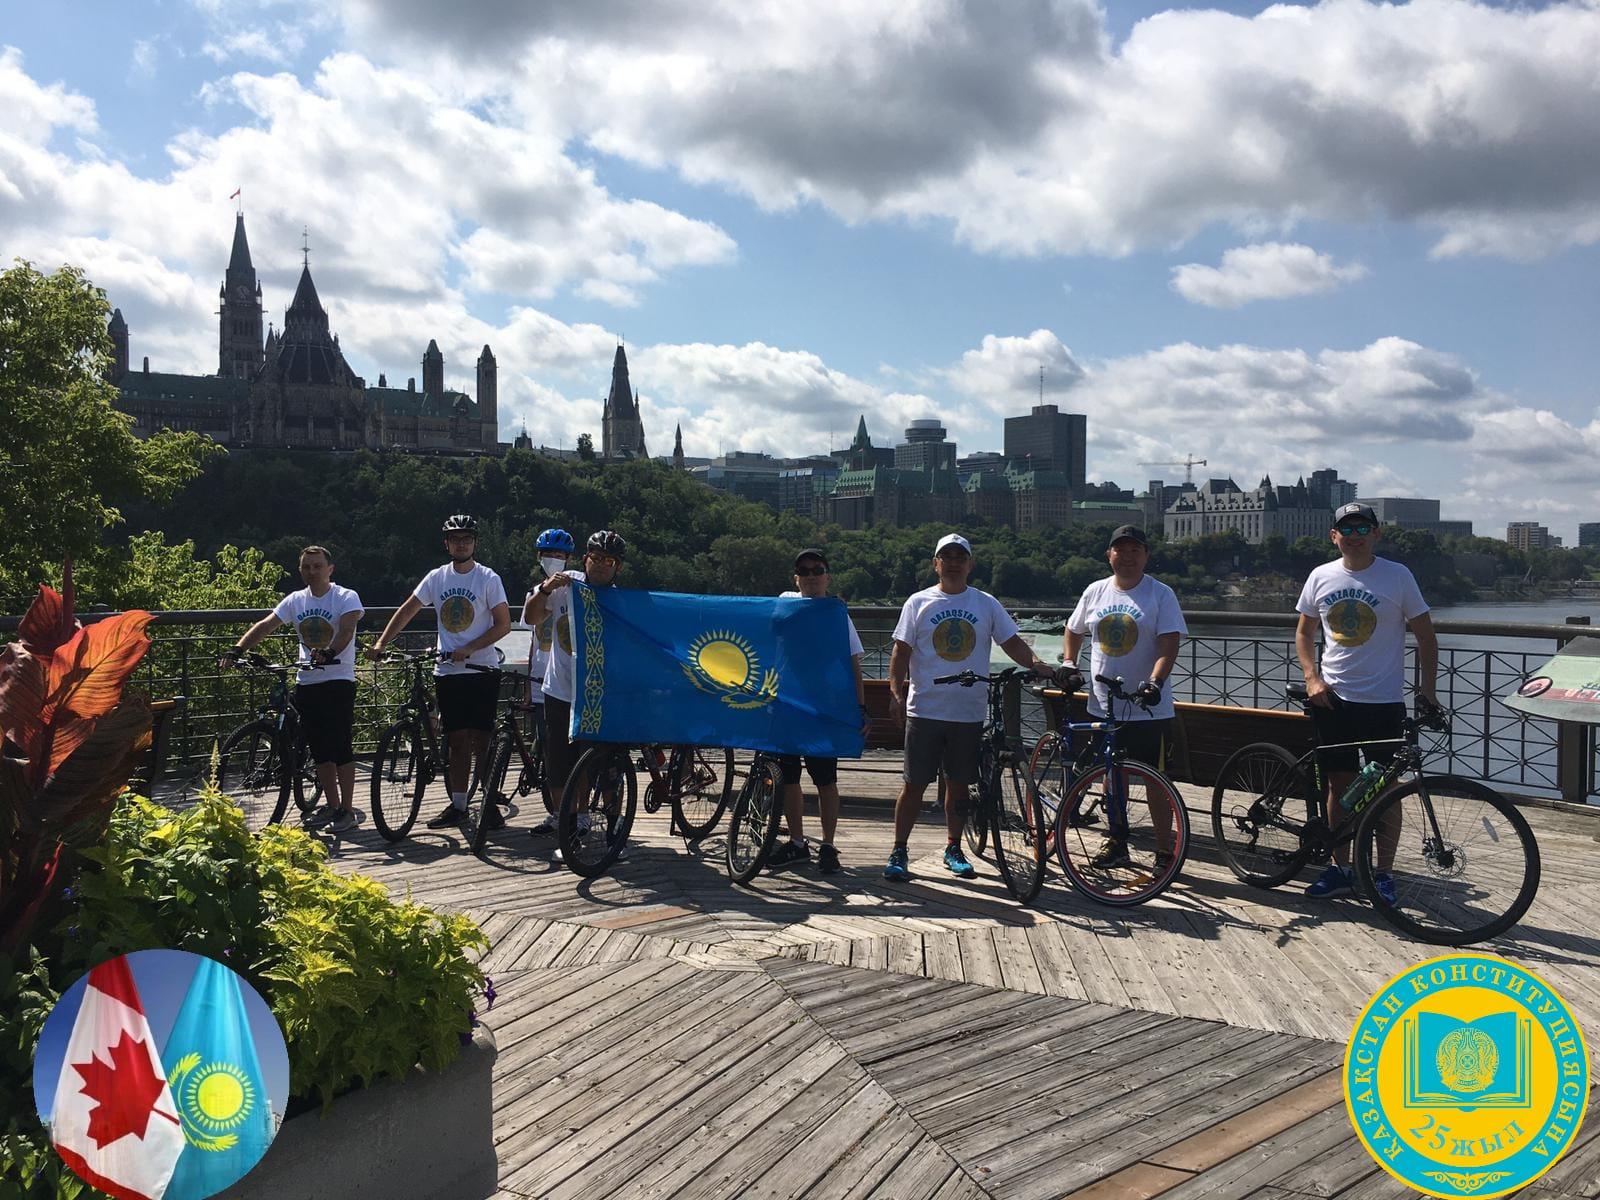 宪法25周年之际哈驻加拿大使馆组织自行车比赛